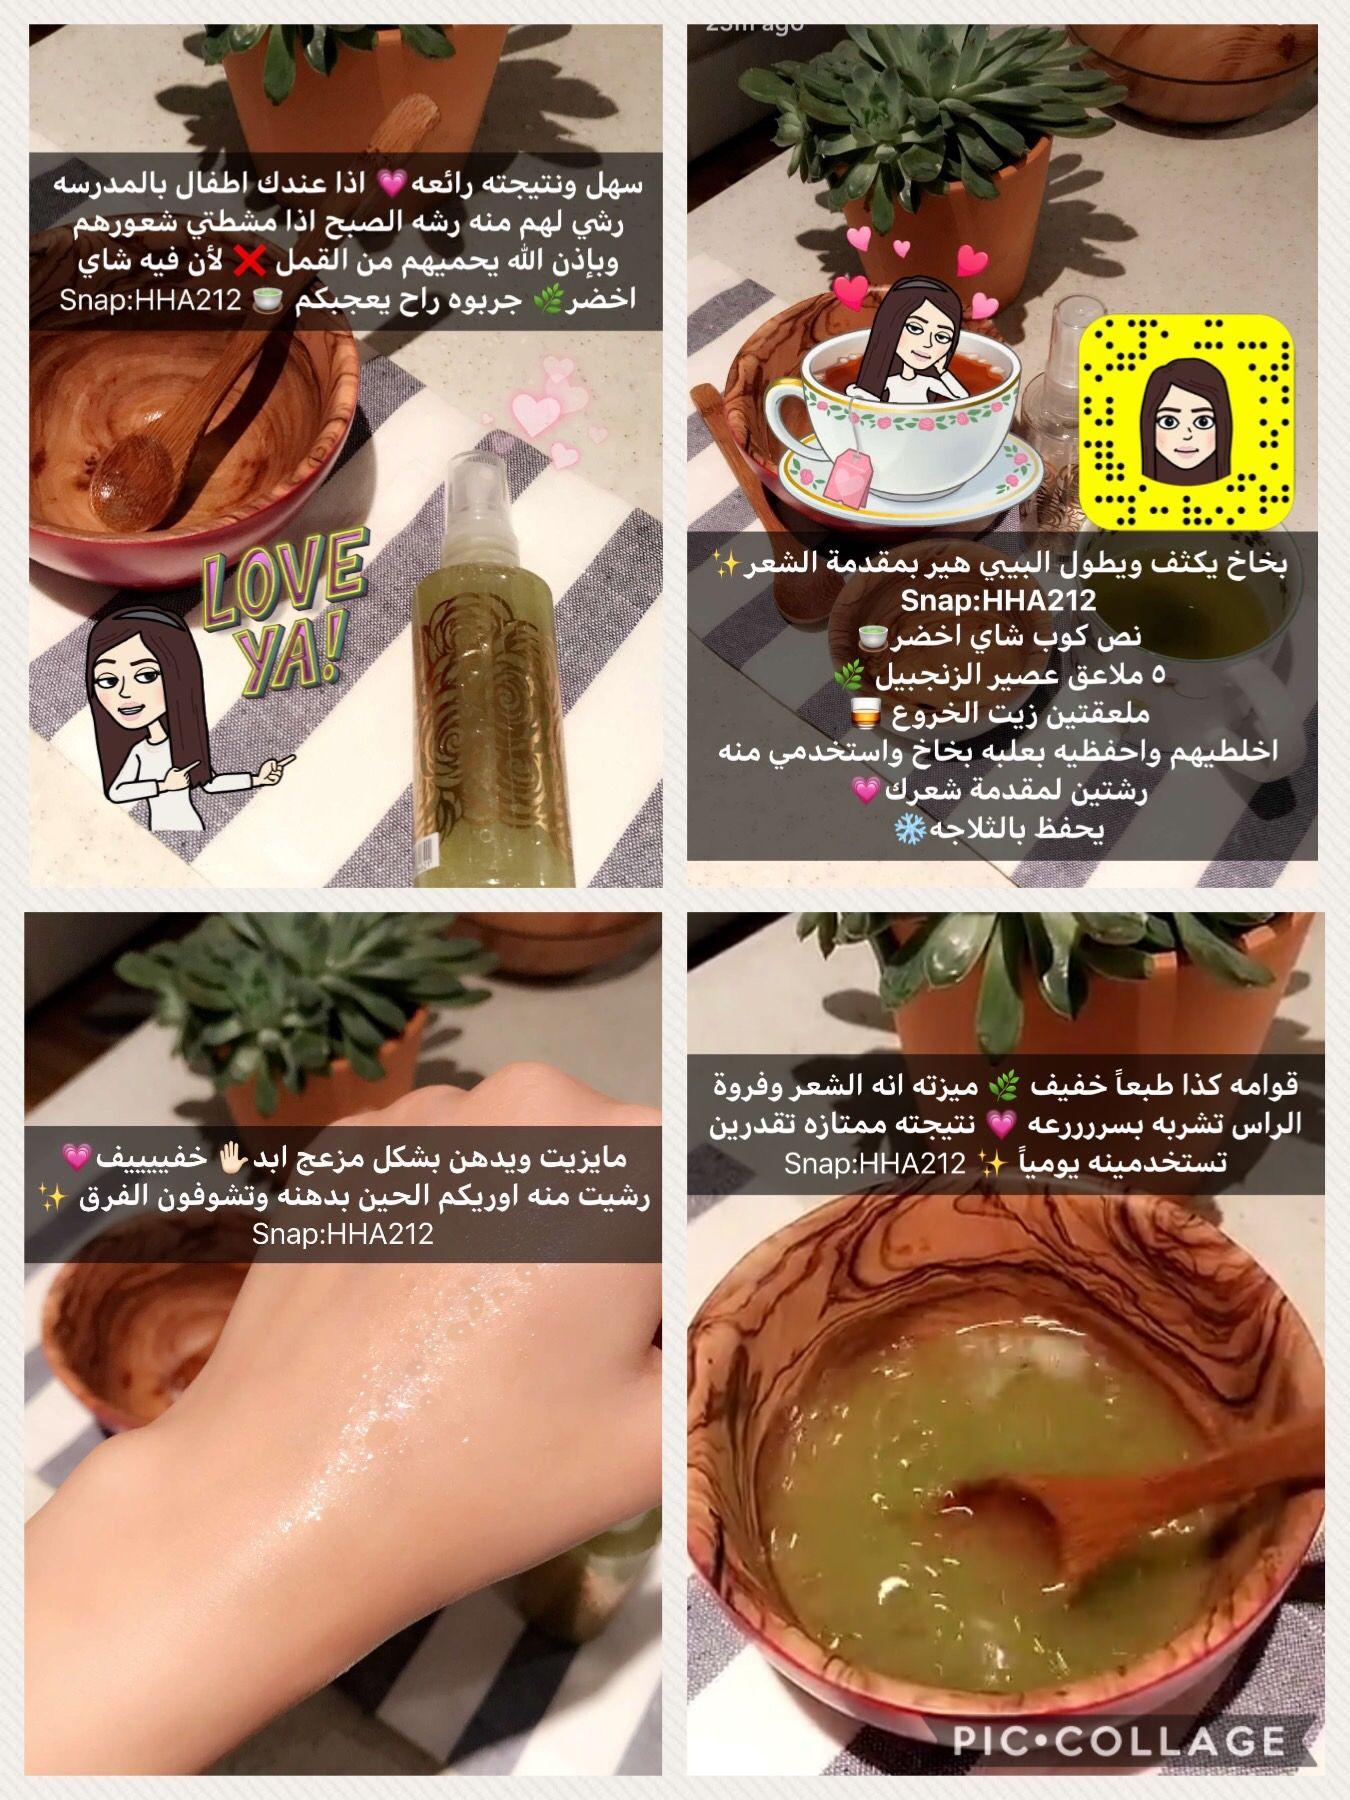 بخاح يكثف و يطول البيبي هير Hair Care Recipes Beauty Recipes Hair Beauty Skin Care Routine